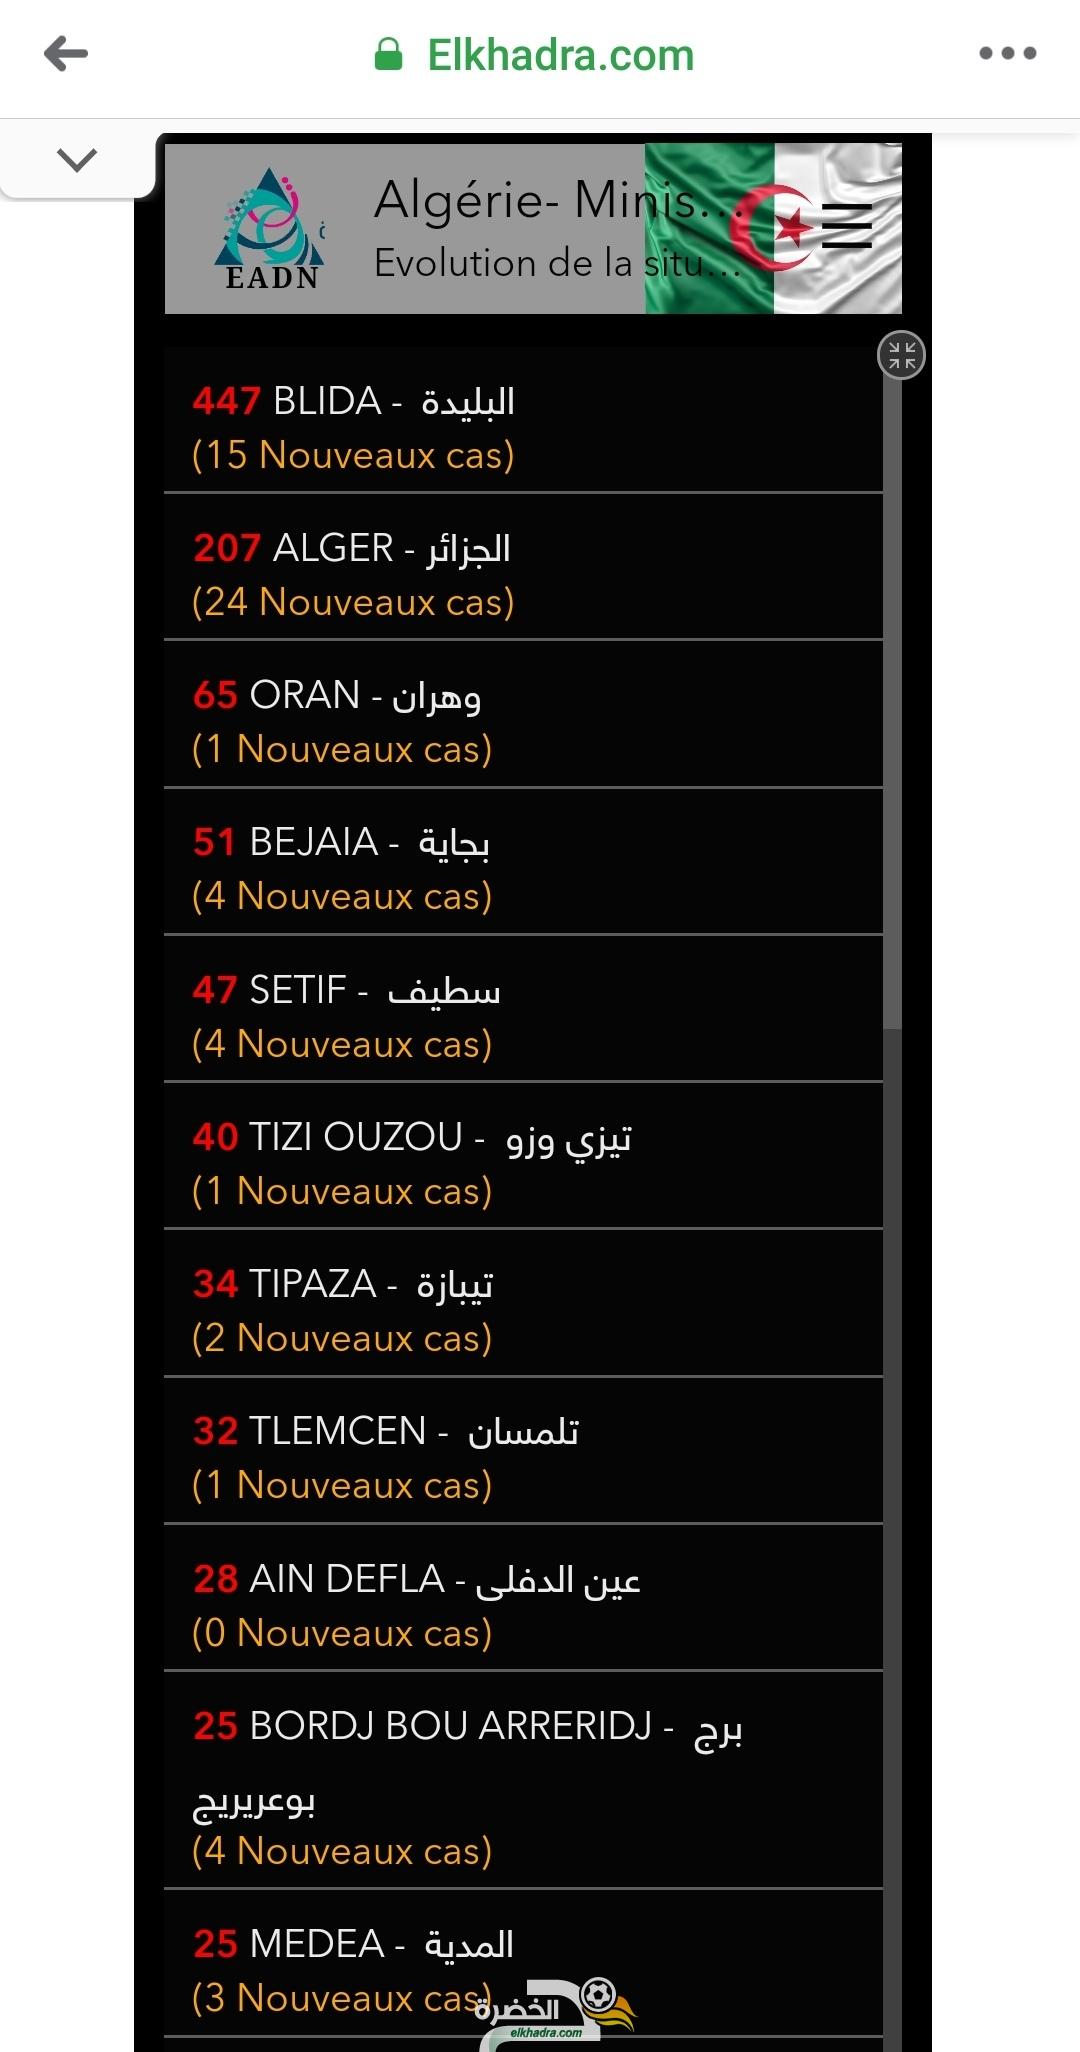 قائمة وحالات الاصابة بفيروس كورونا بالجزائر حسب الولايات اليوم السبت 4 أفريل 2020 30